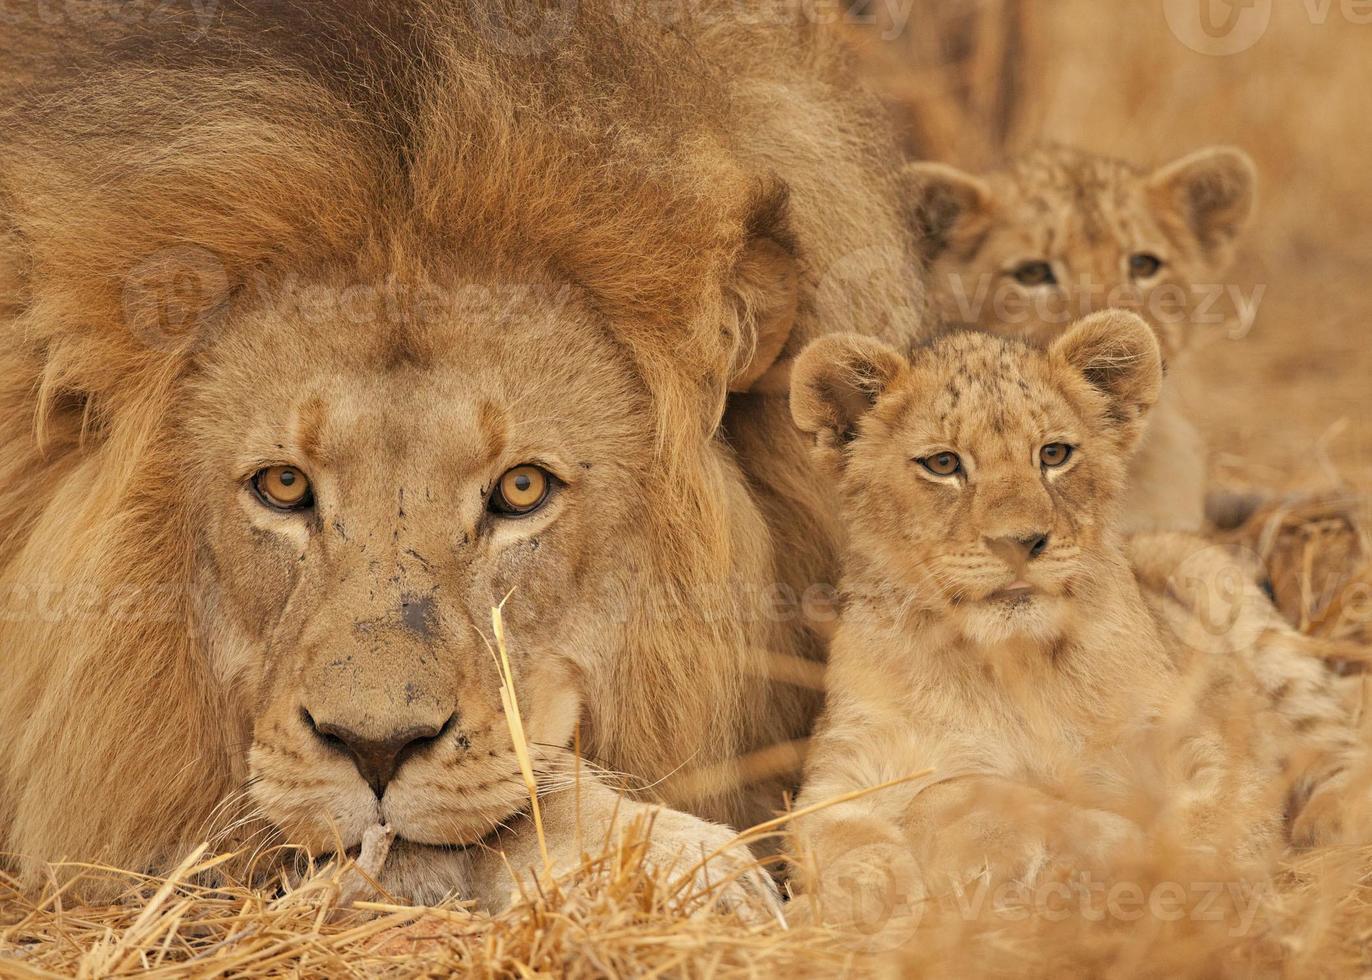 Lion mâle, cub, parc national Kruger, Afrique du Sud. photo